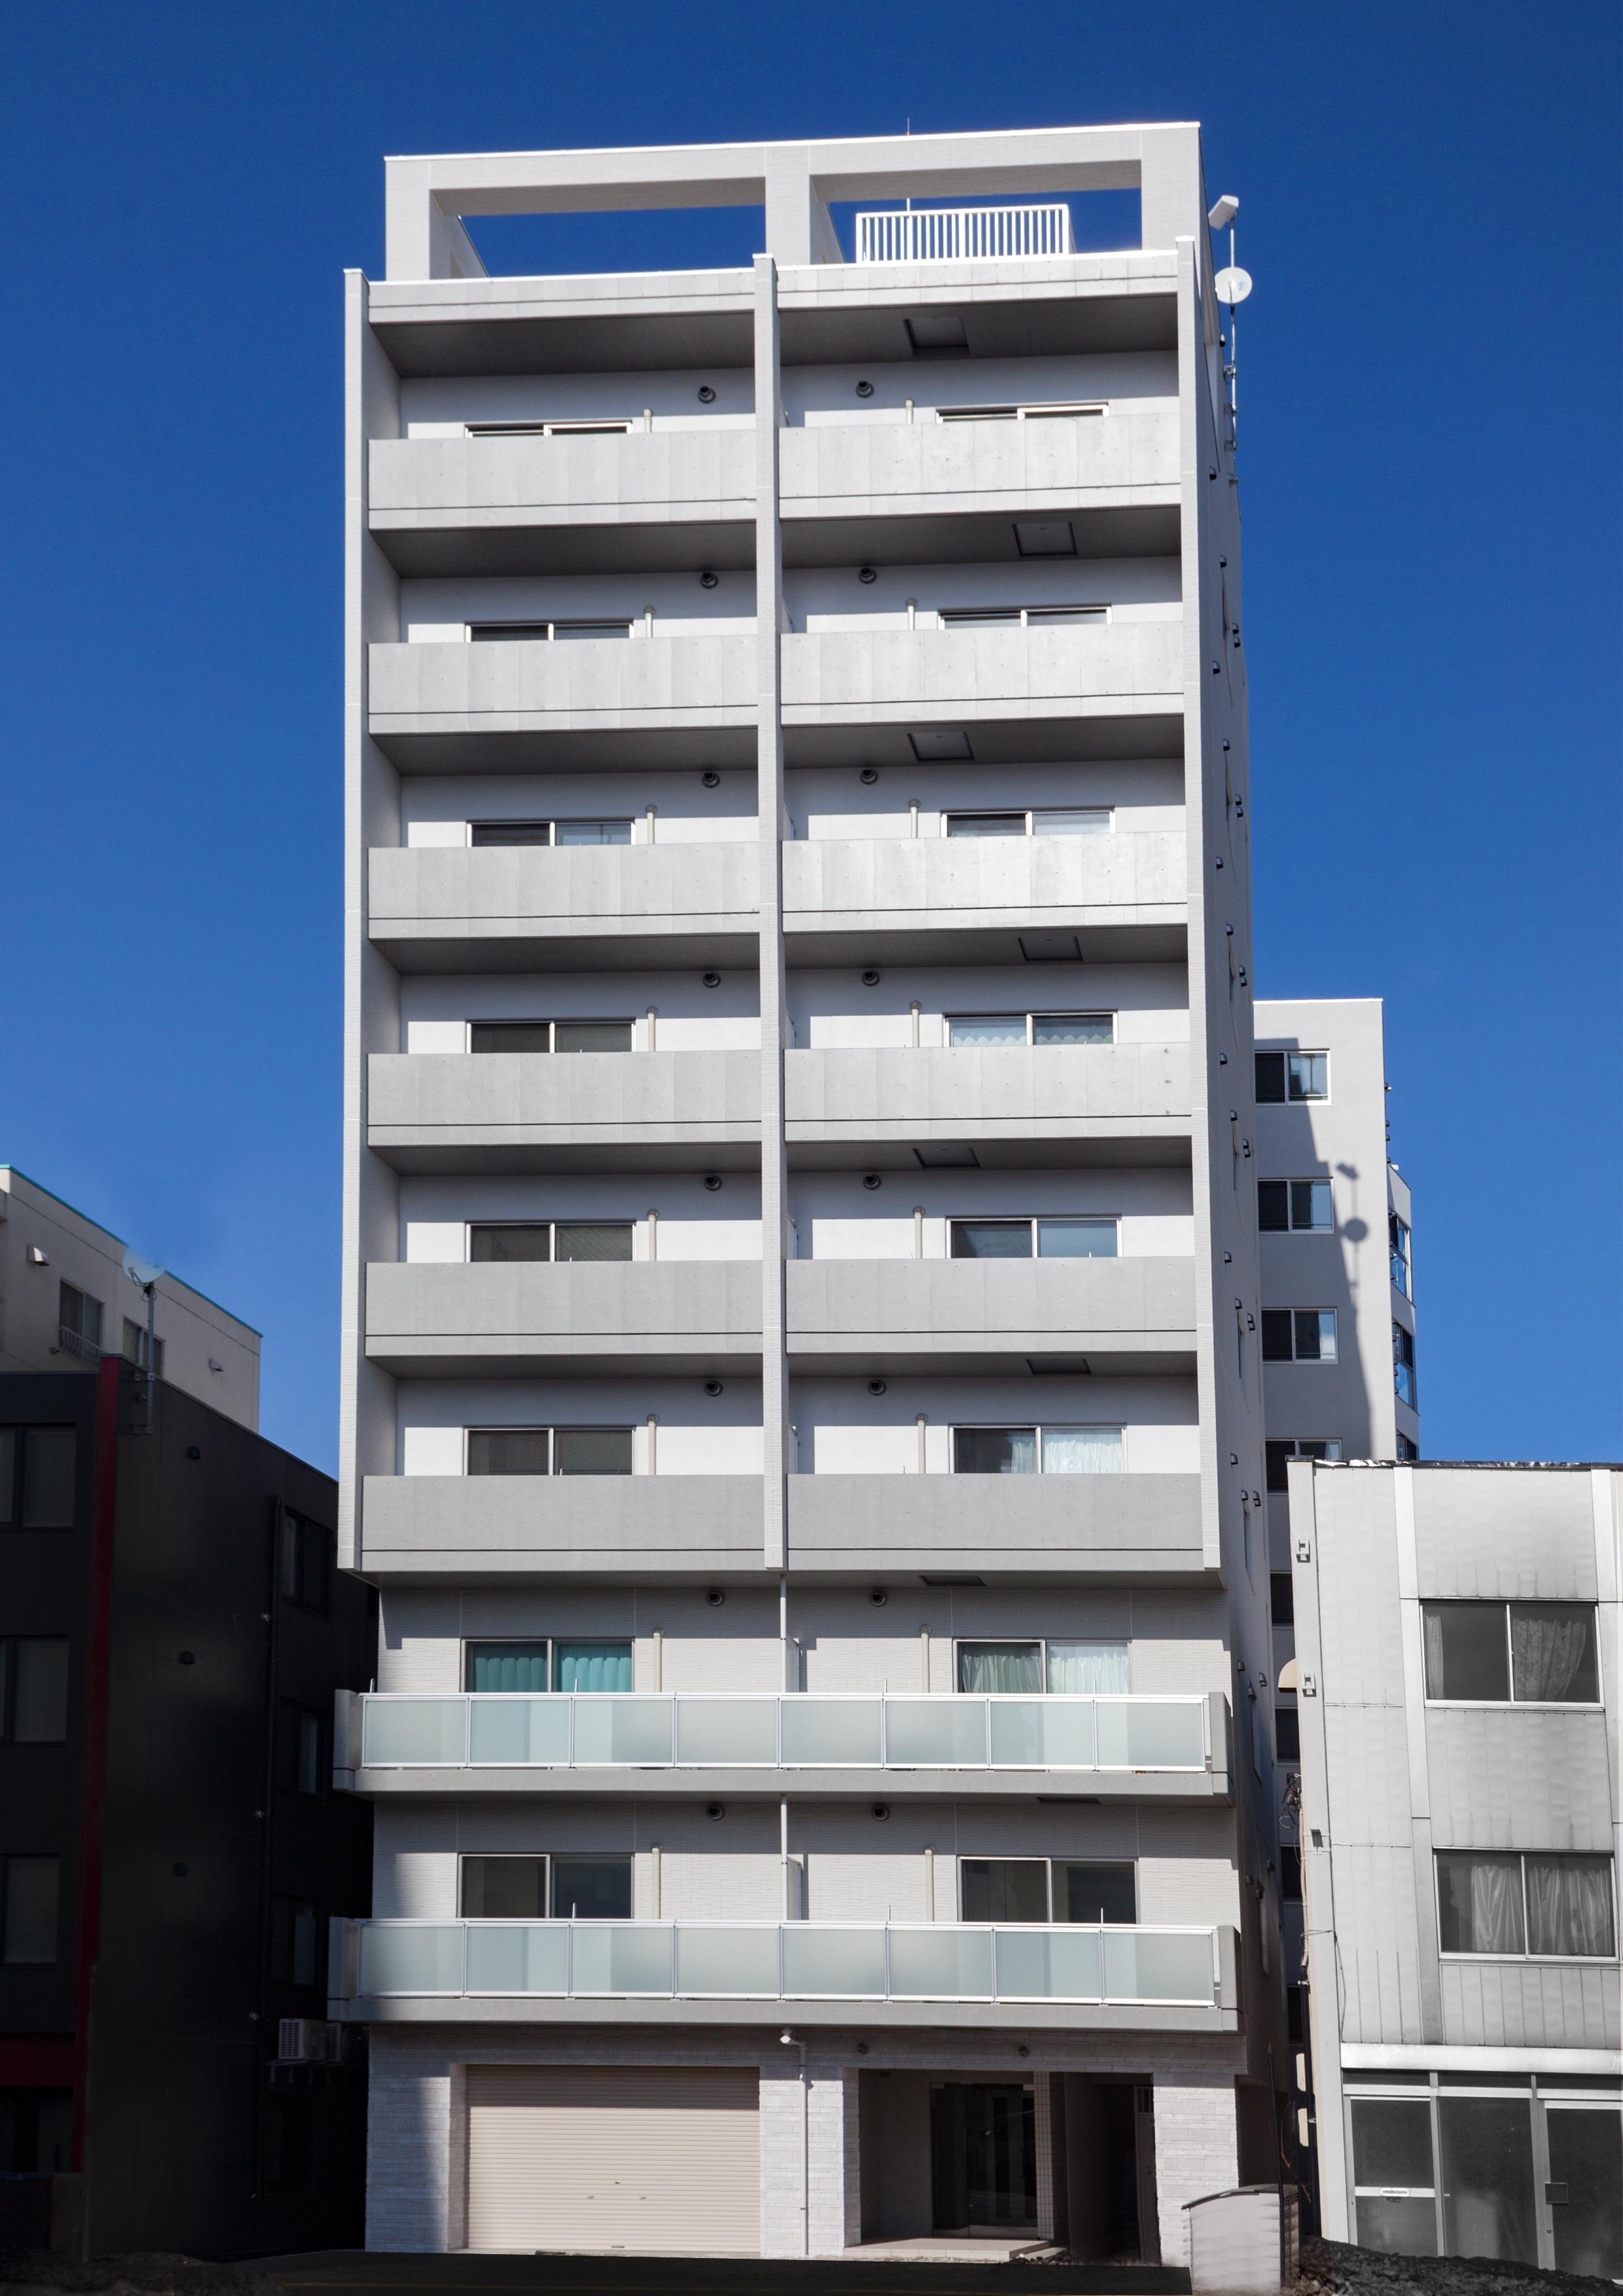 施工実績 | 札幌市豊平区の創和リビングサービス株式会社 ...